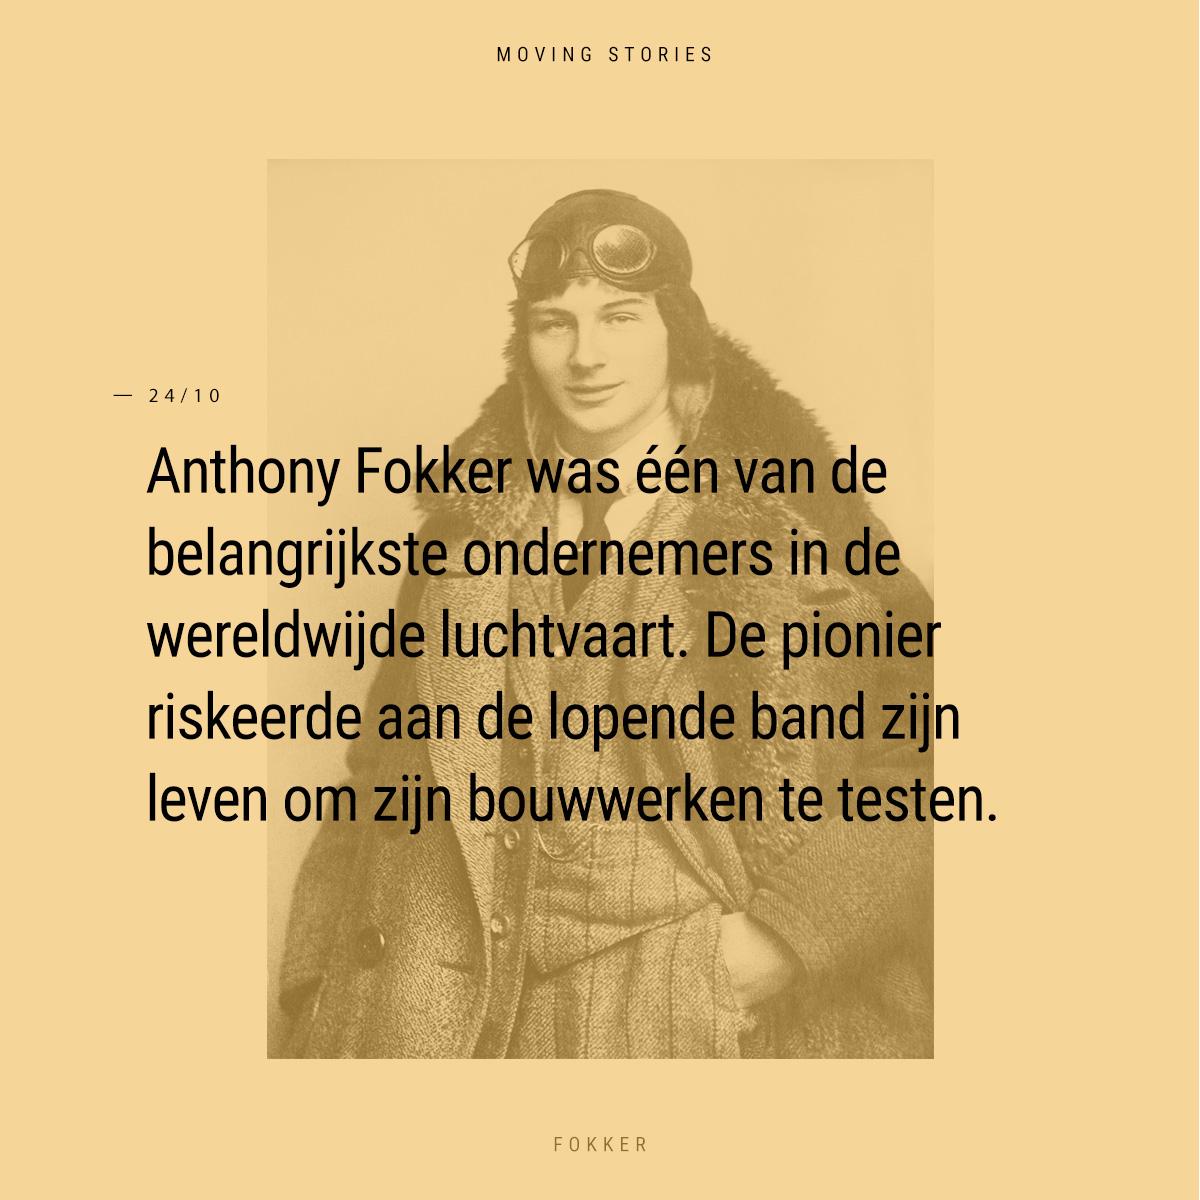 Moving Story - Anthony Fokker